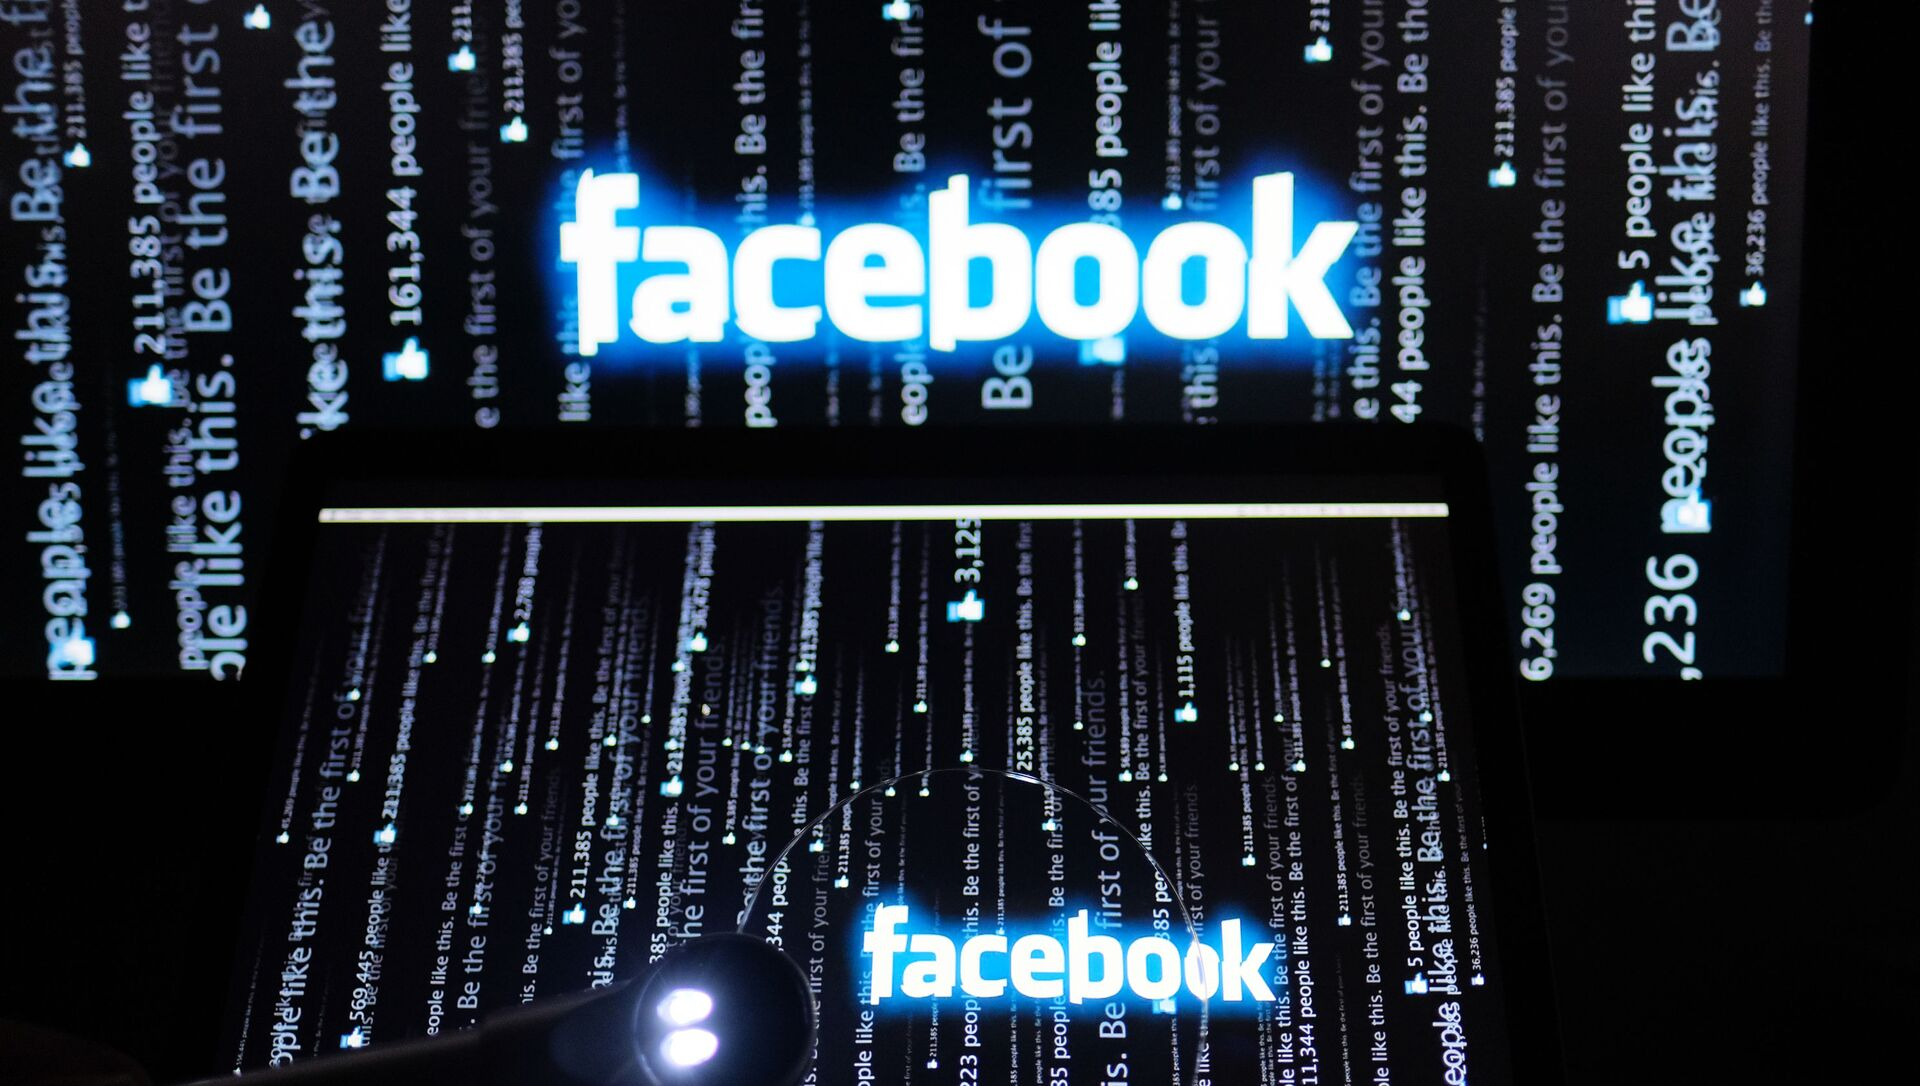 Логотип социальной сети Фейсбук на экране компьютера - Sputnik Беларусь, 1920, 28.02.2021